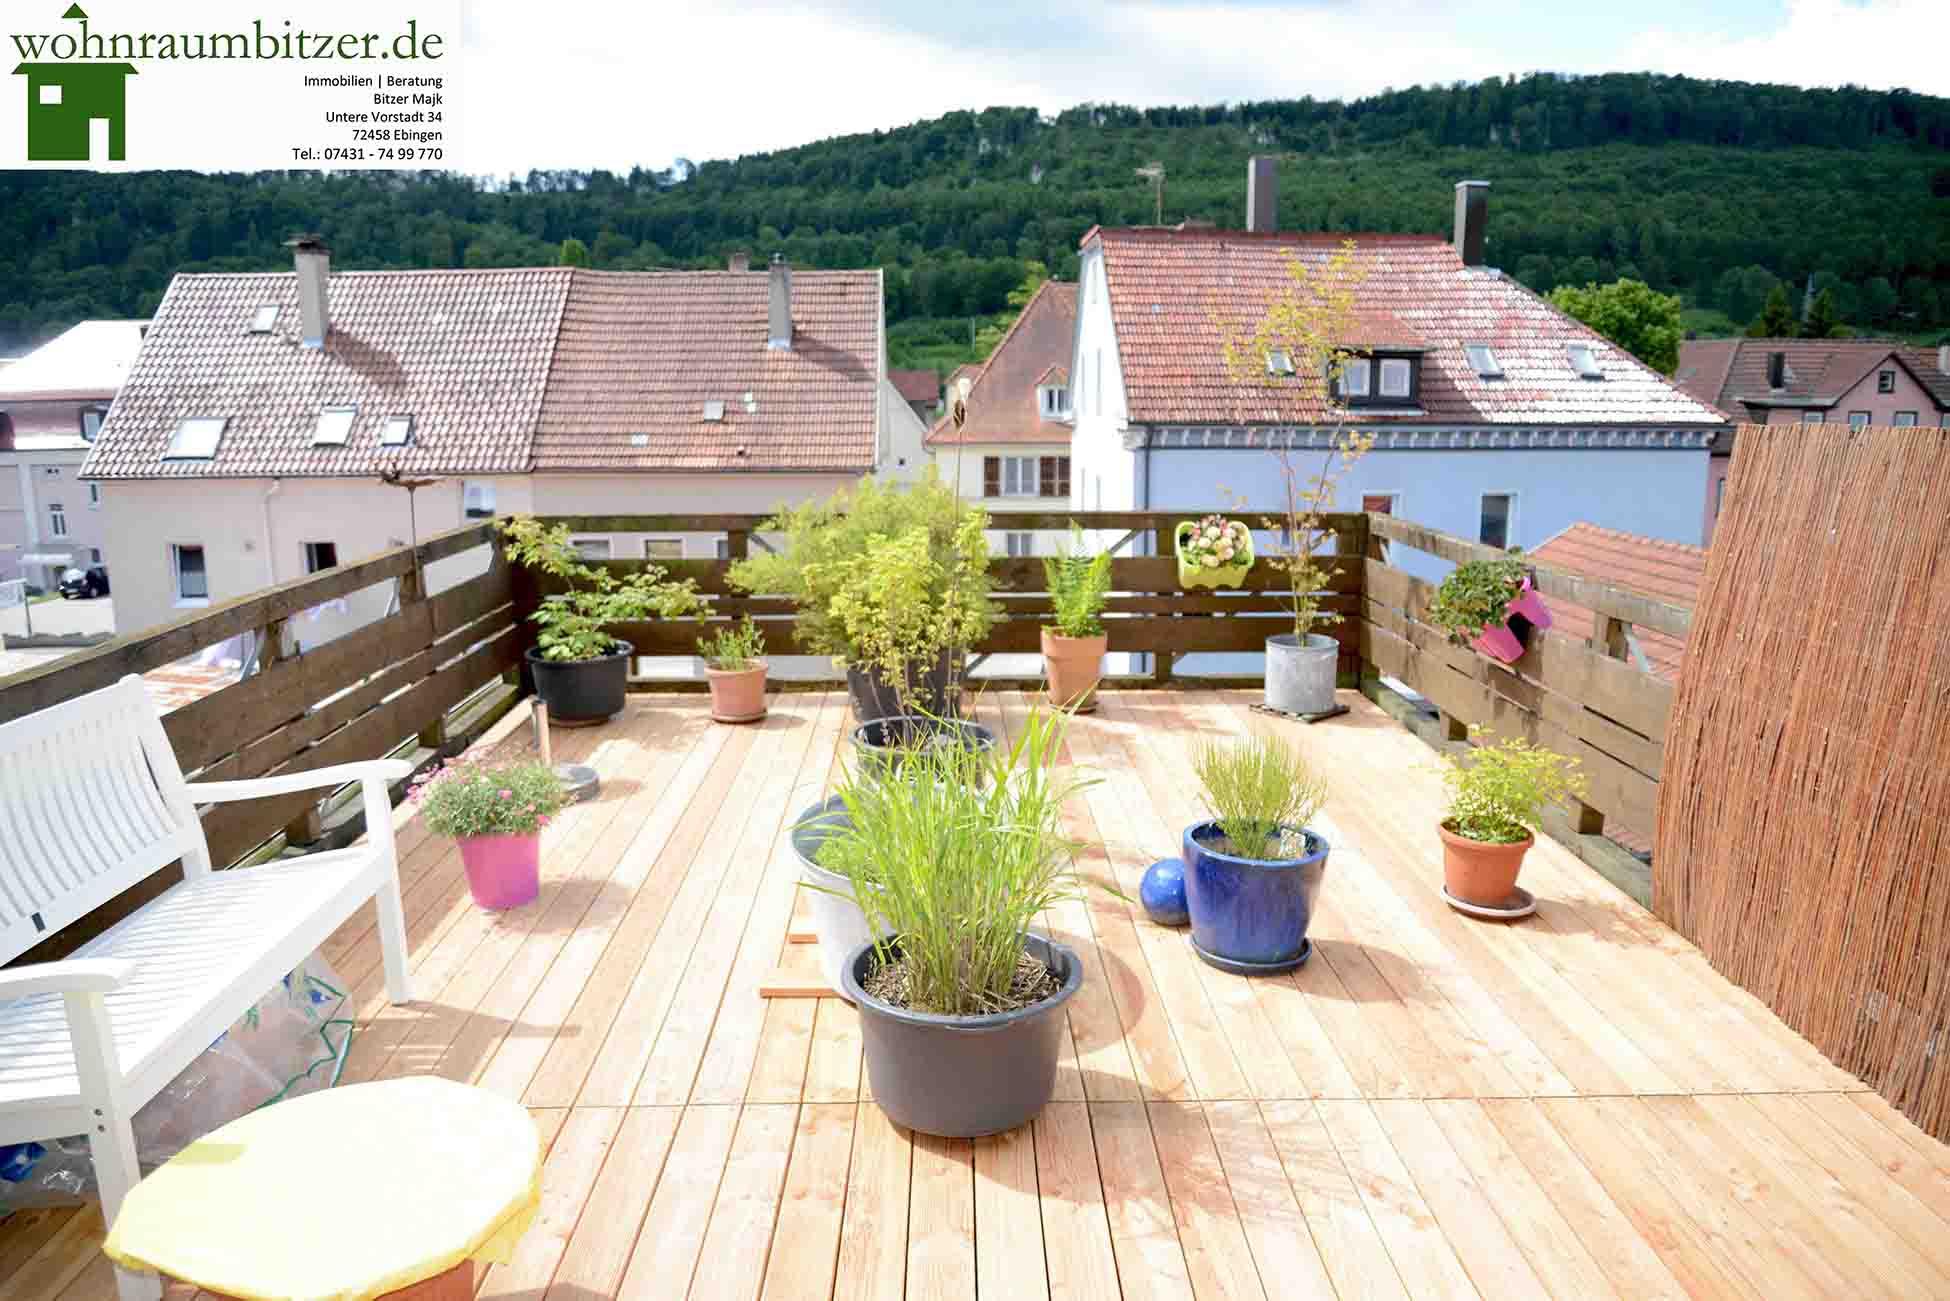 Terrasse nochmals Terrasse und eine 3 Zimmer Wohnung  wohnraumbitzerdewohnraumbitzerde